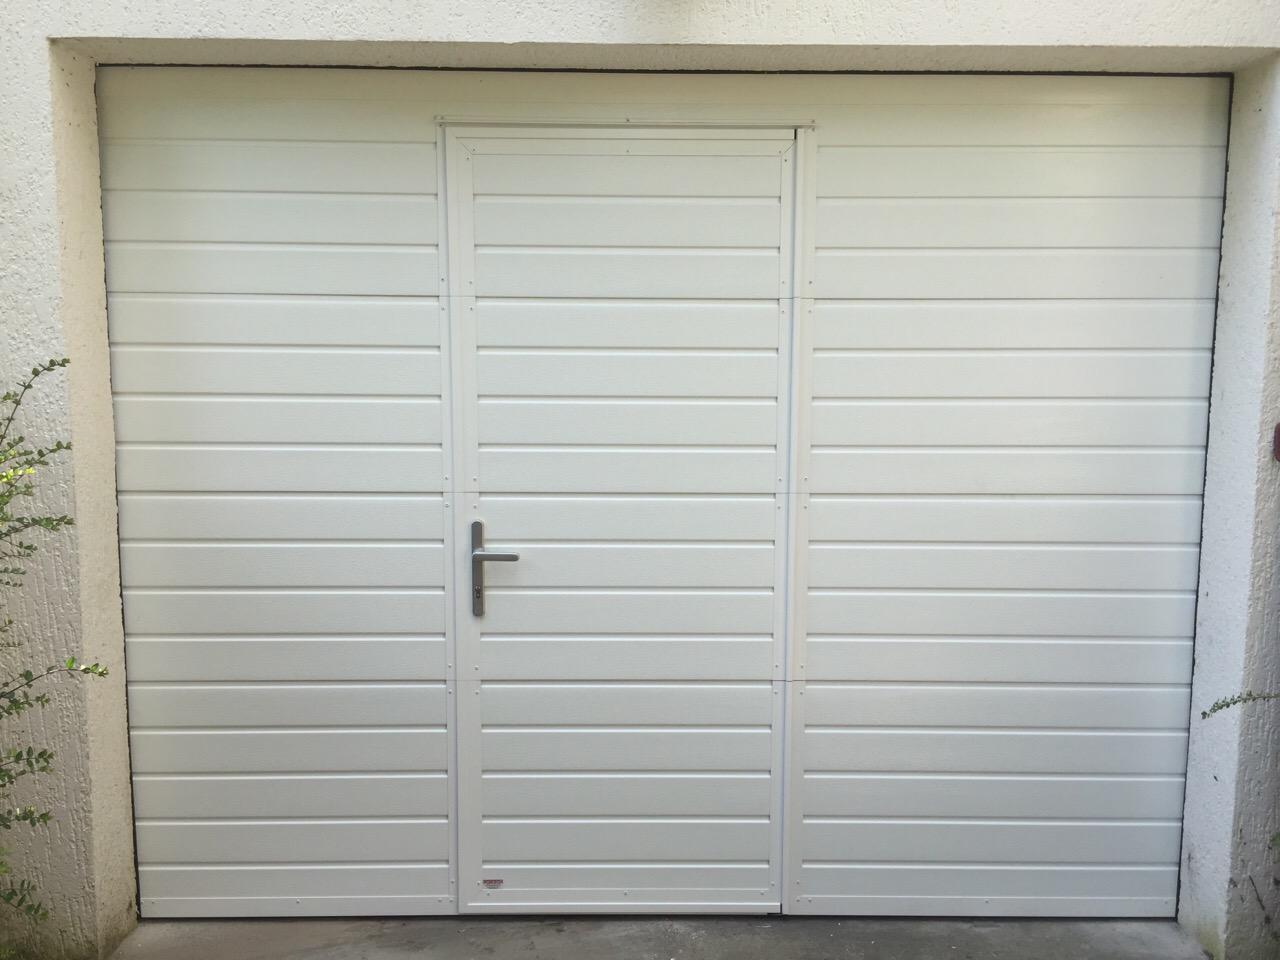 Portes de garage sectionnelle r sidentielle portech - Porte sectionnelle avec porte ...